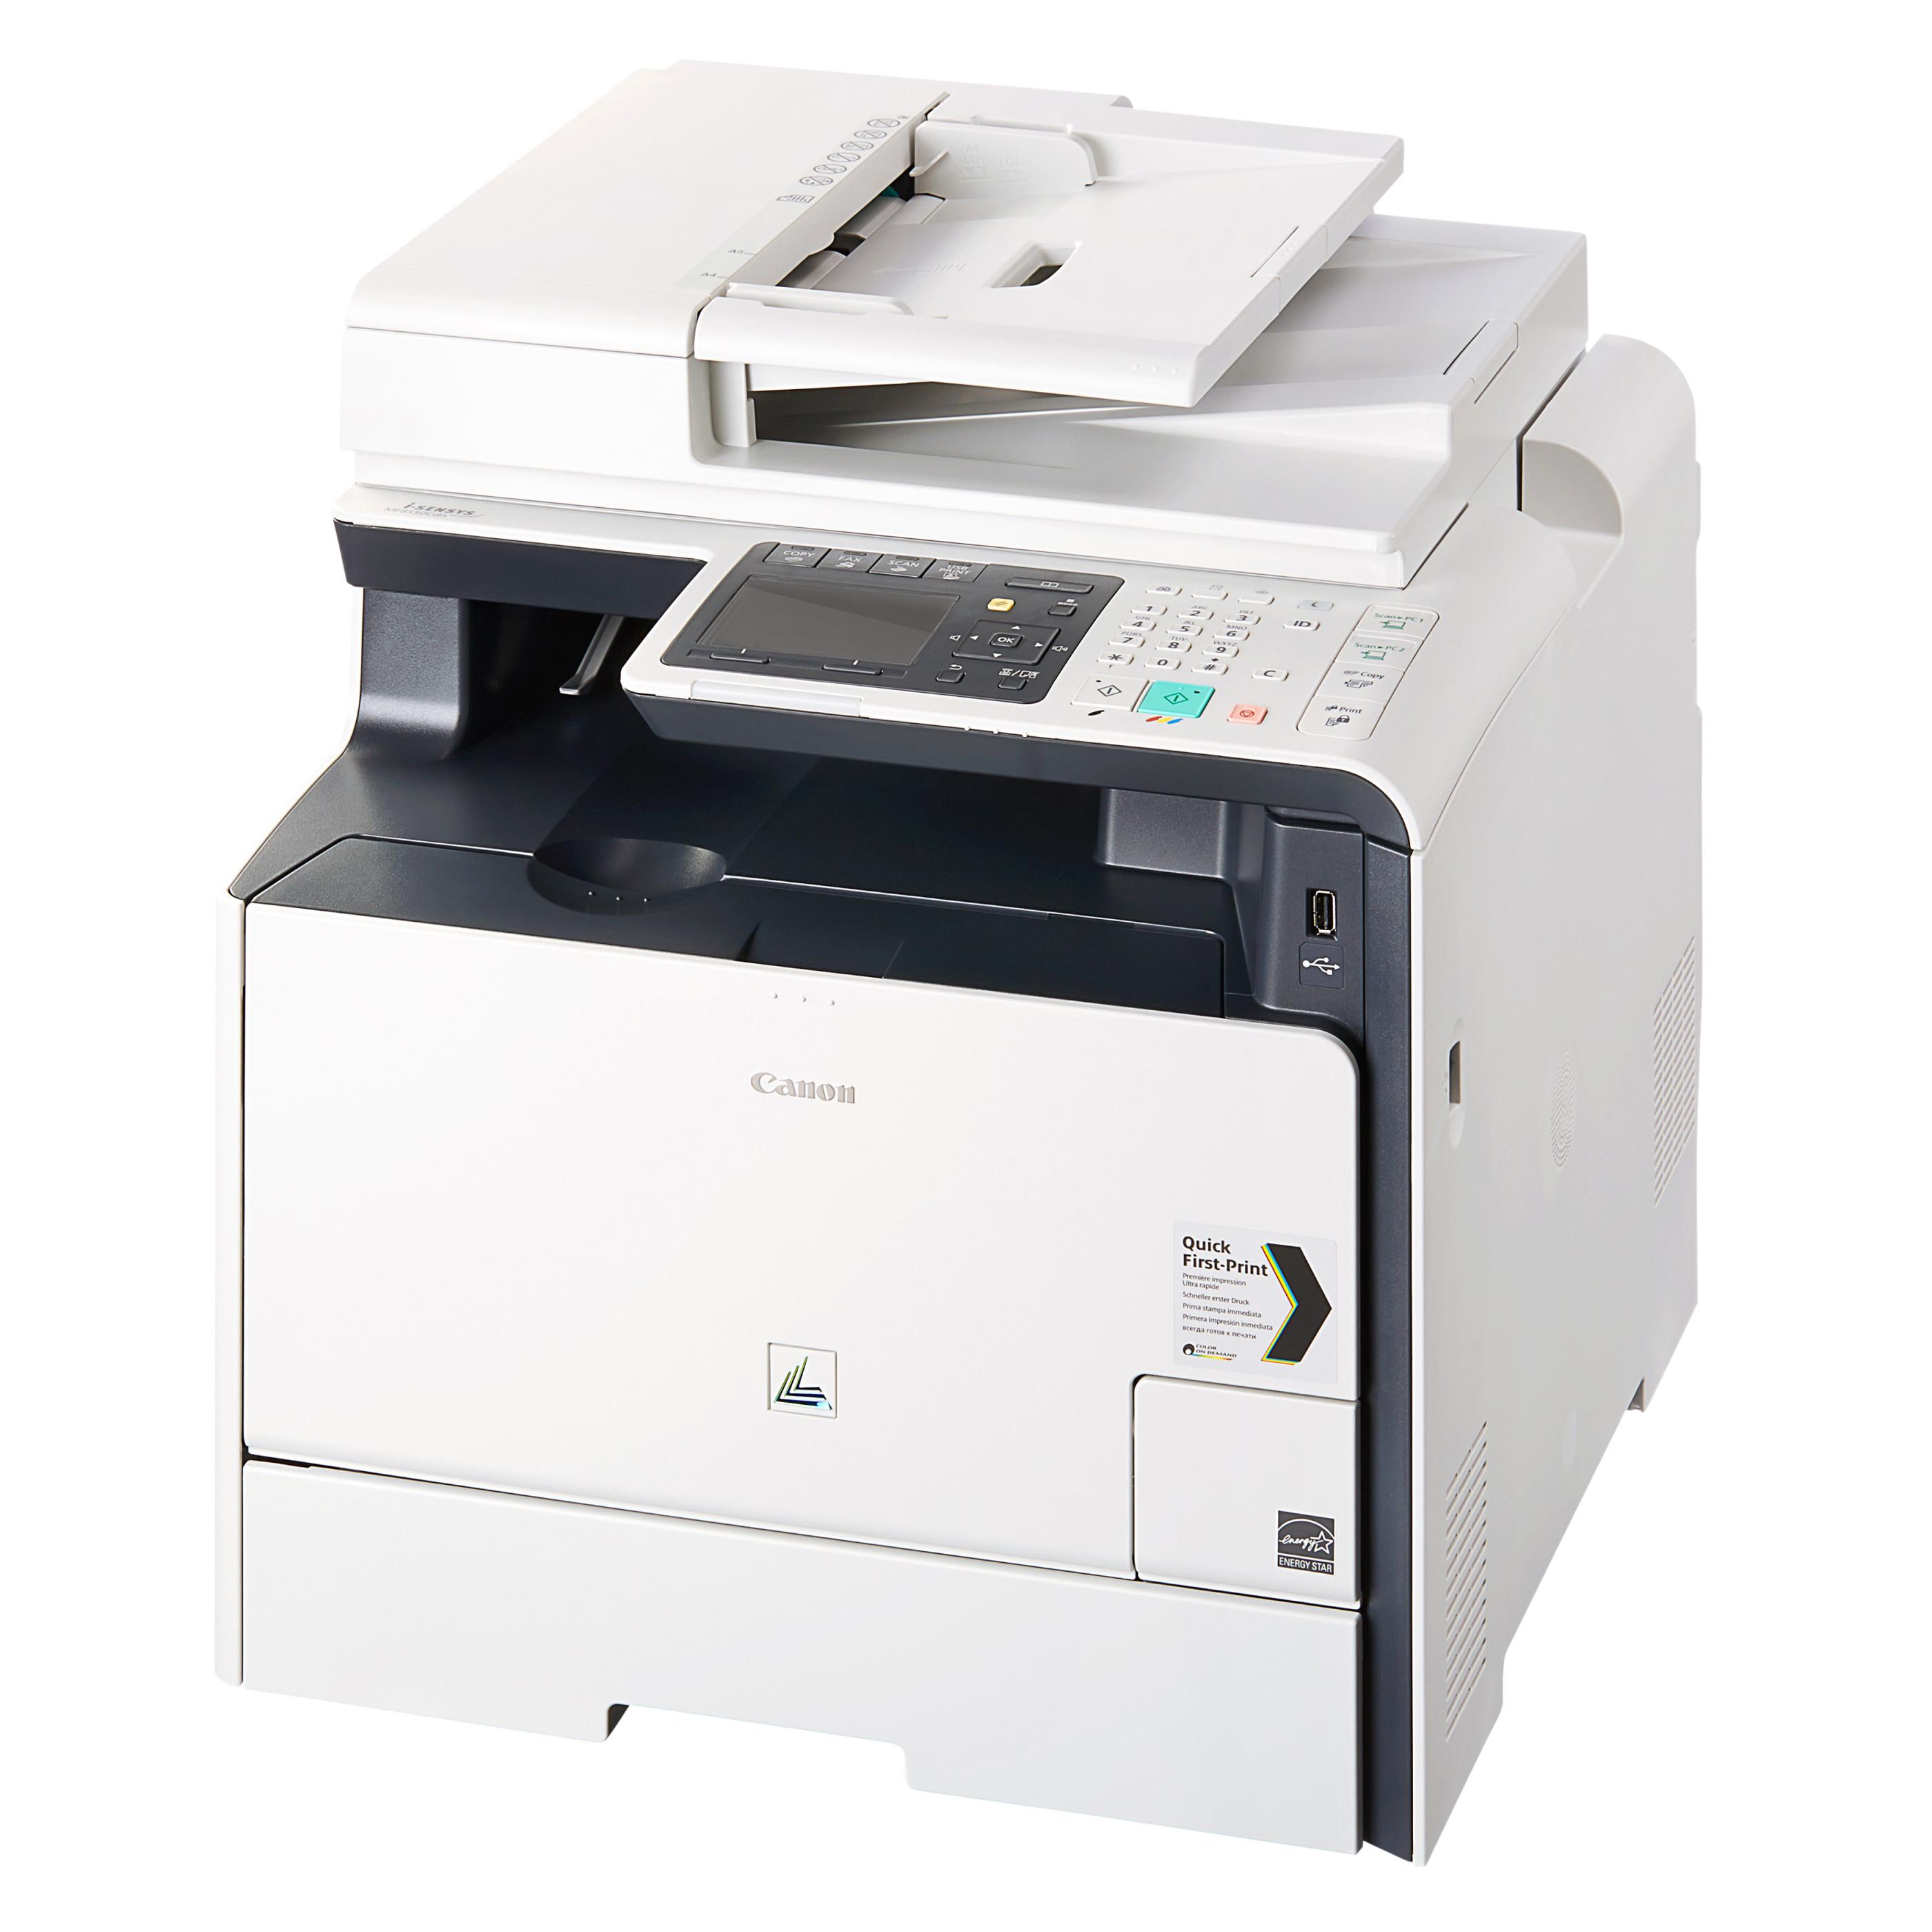 Принтер Canon i-SENSYS MF8550Cdn